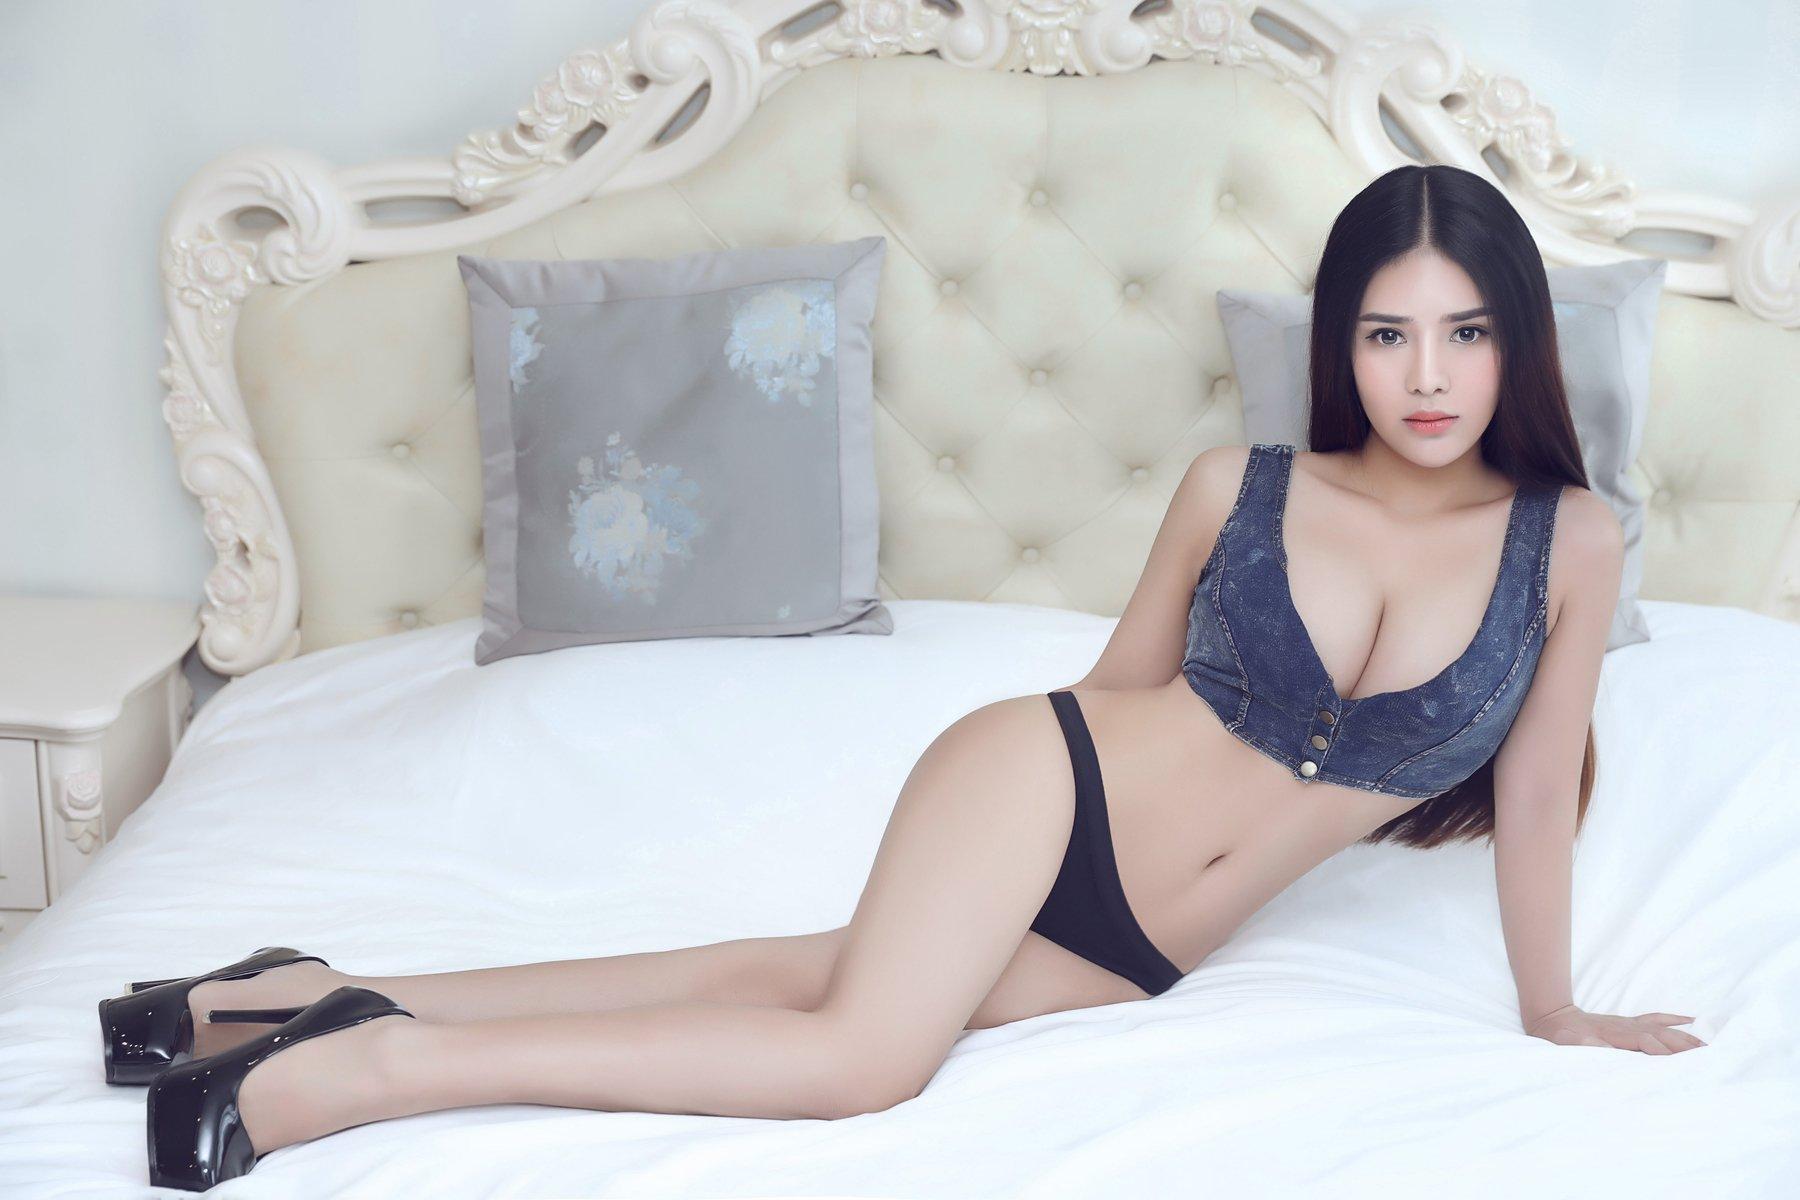 Ivana Models Escort On Twitter